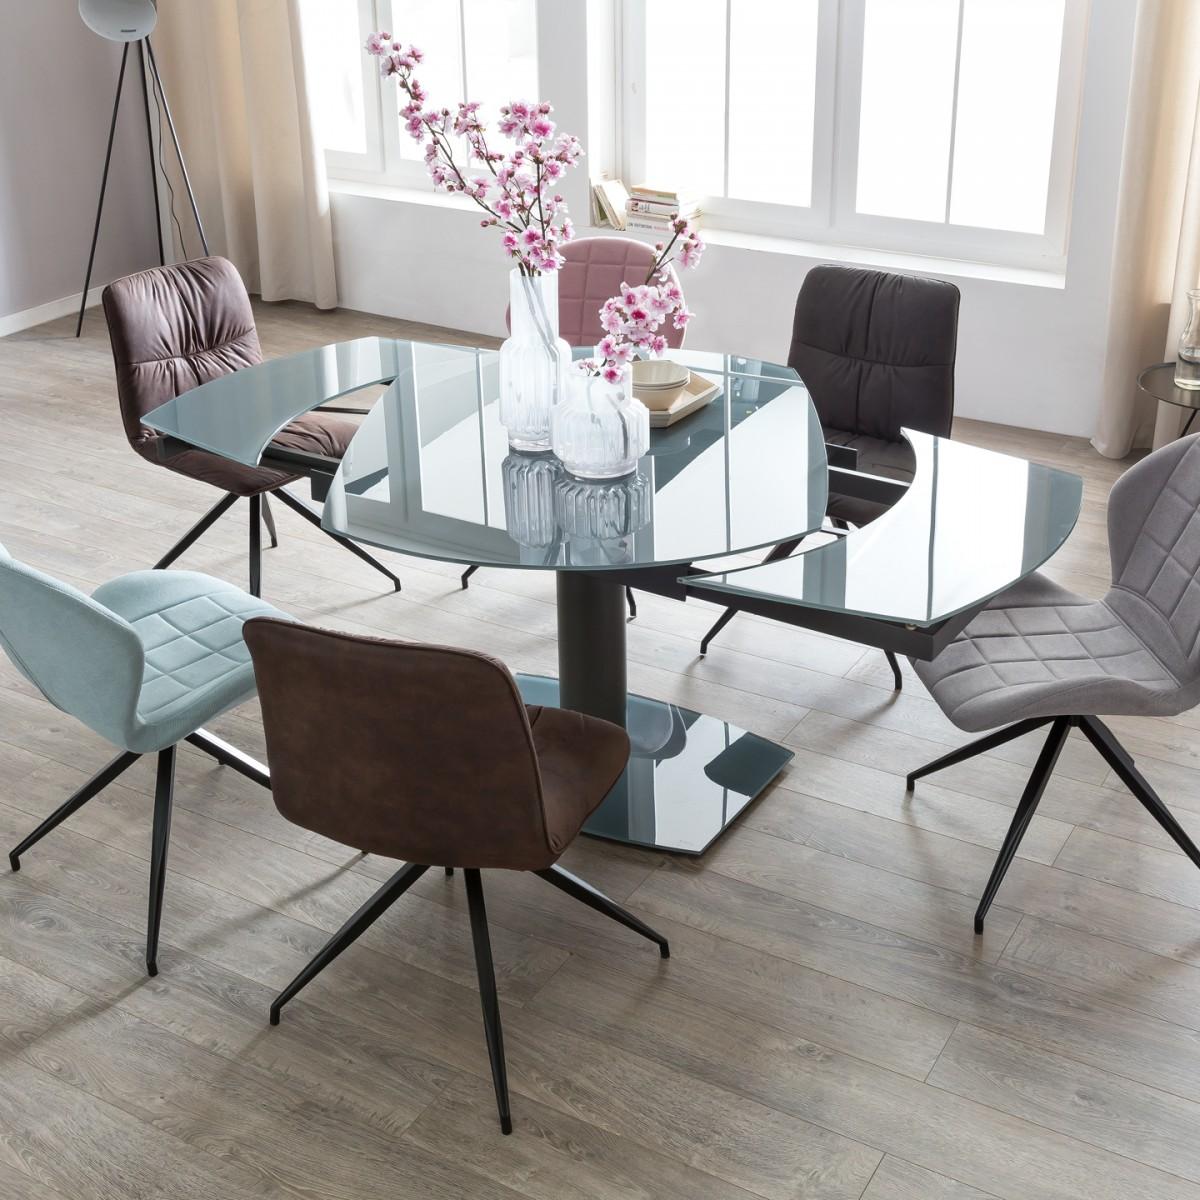 esstisch ausziehbar dunkelgrau metall glas salerno 120 180x90 cm fun m bel. Black Bedroom Furniture Sets. Home Design Ideas